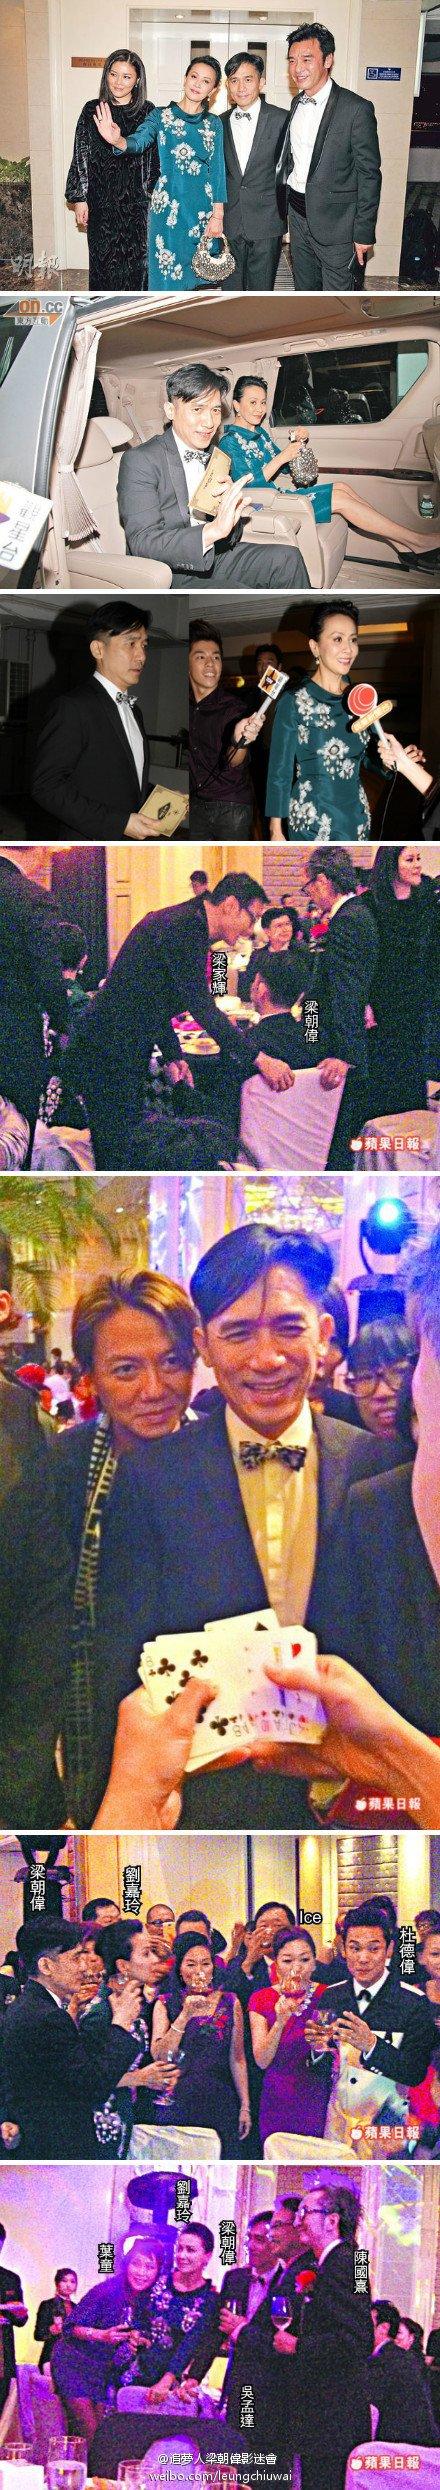 トニーさん@アレックス・トー結婚式